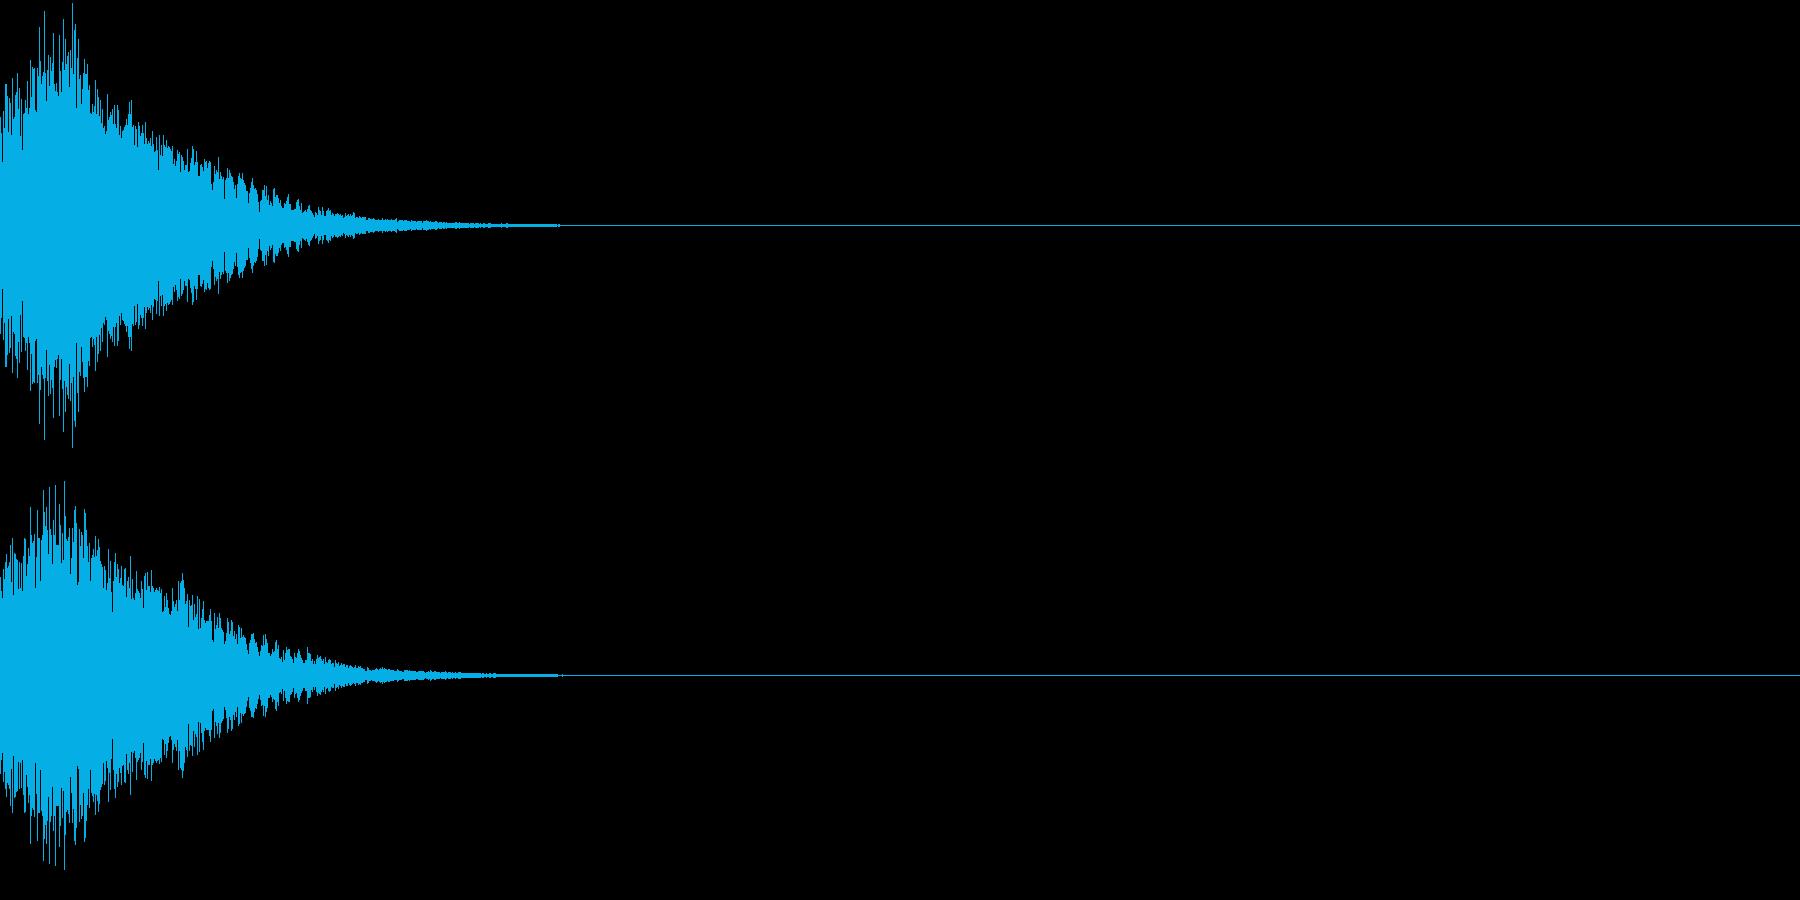 刀 剣 カキーン シャキーン 目立つ24の再生済みの波形